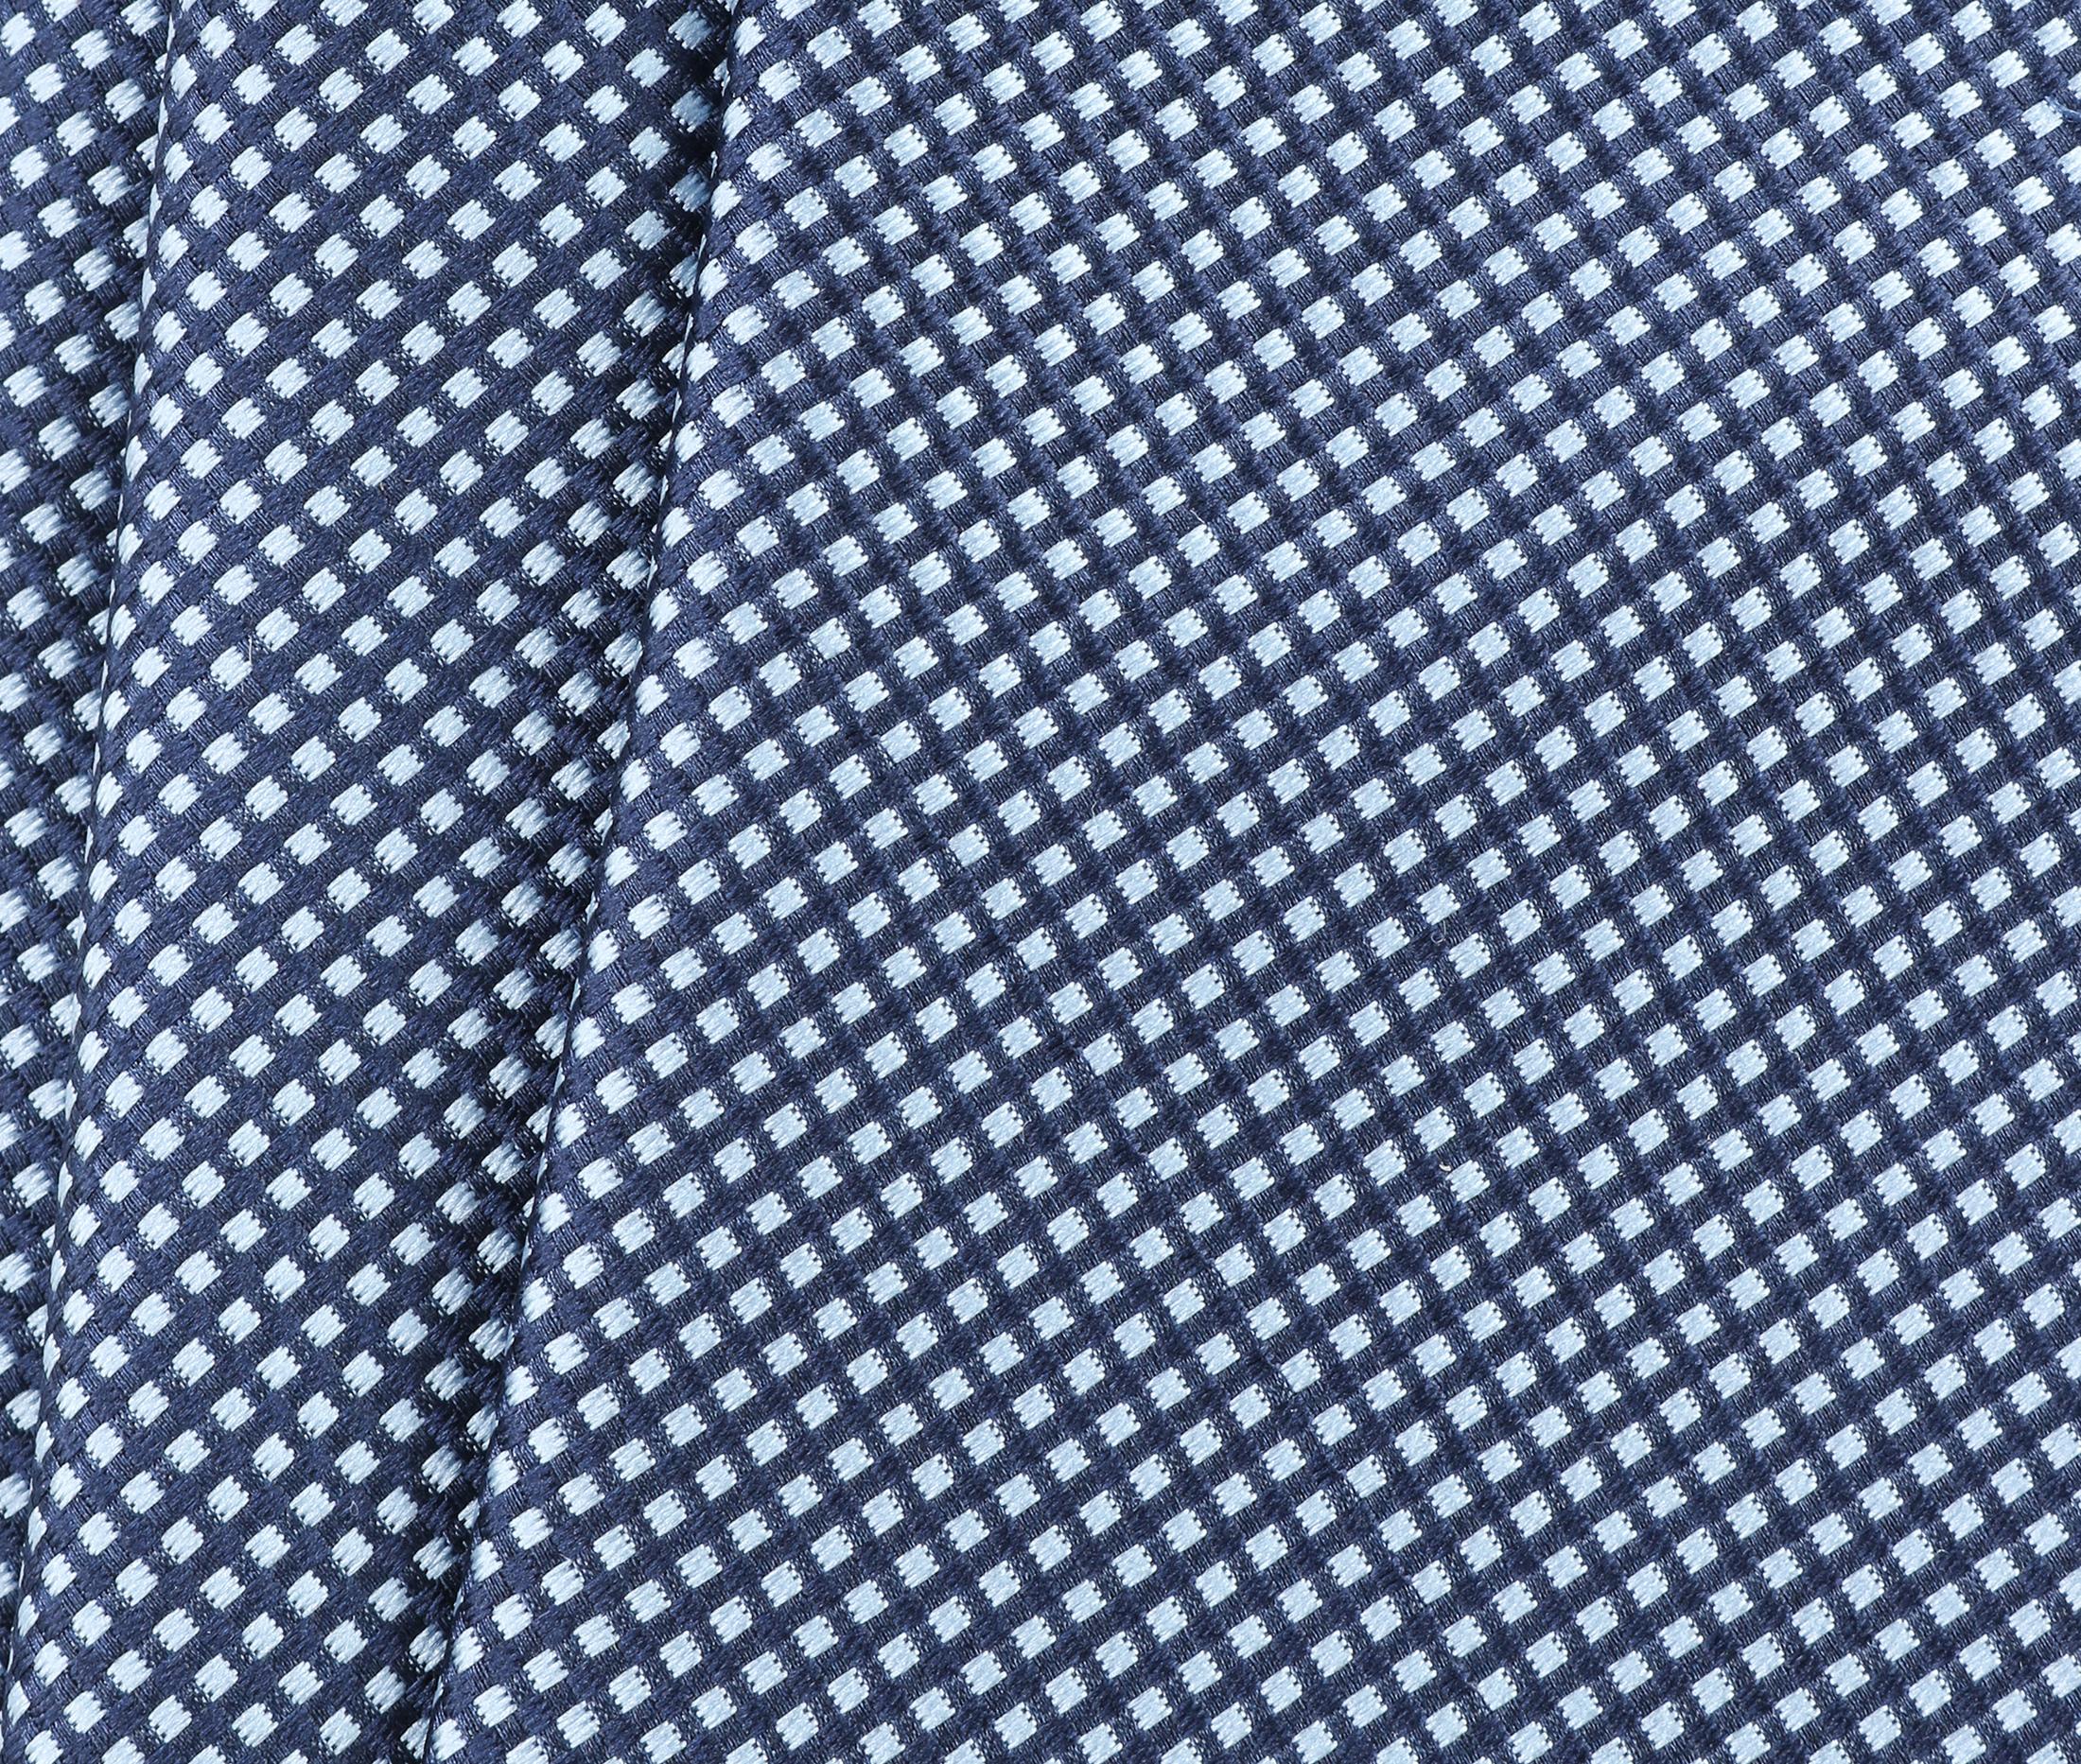 Stropdas Zijde Ruit Lichtblauw 9-17 foto 2